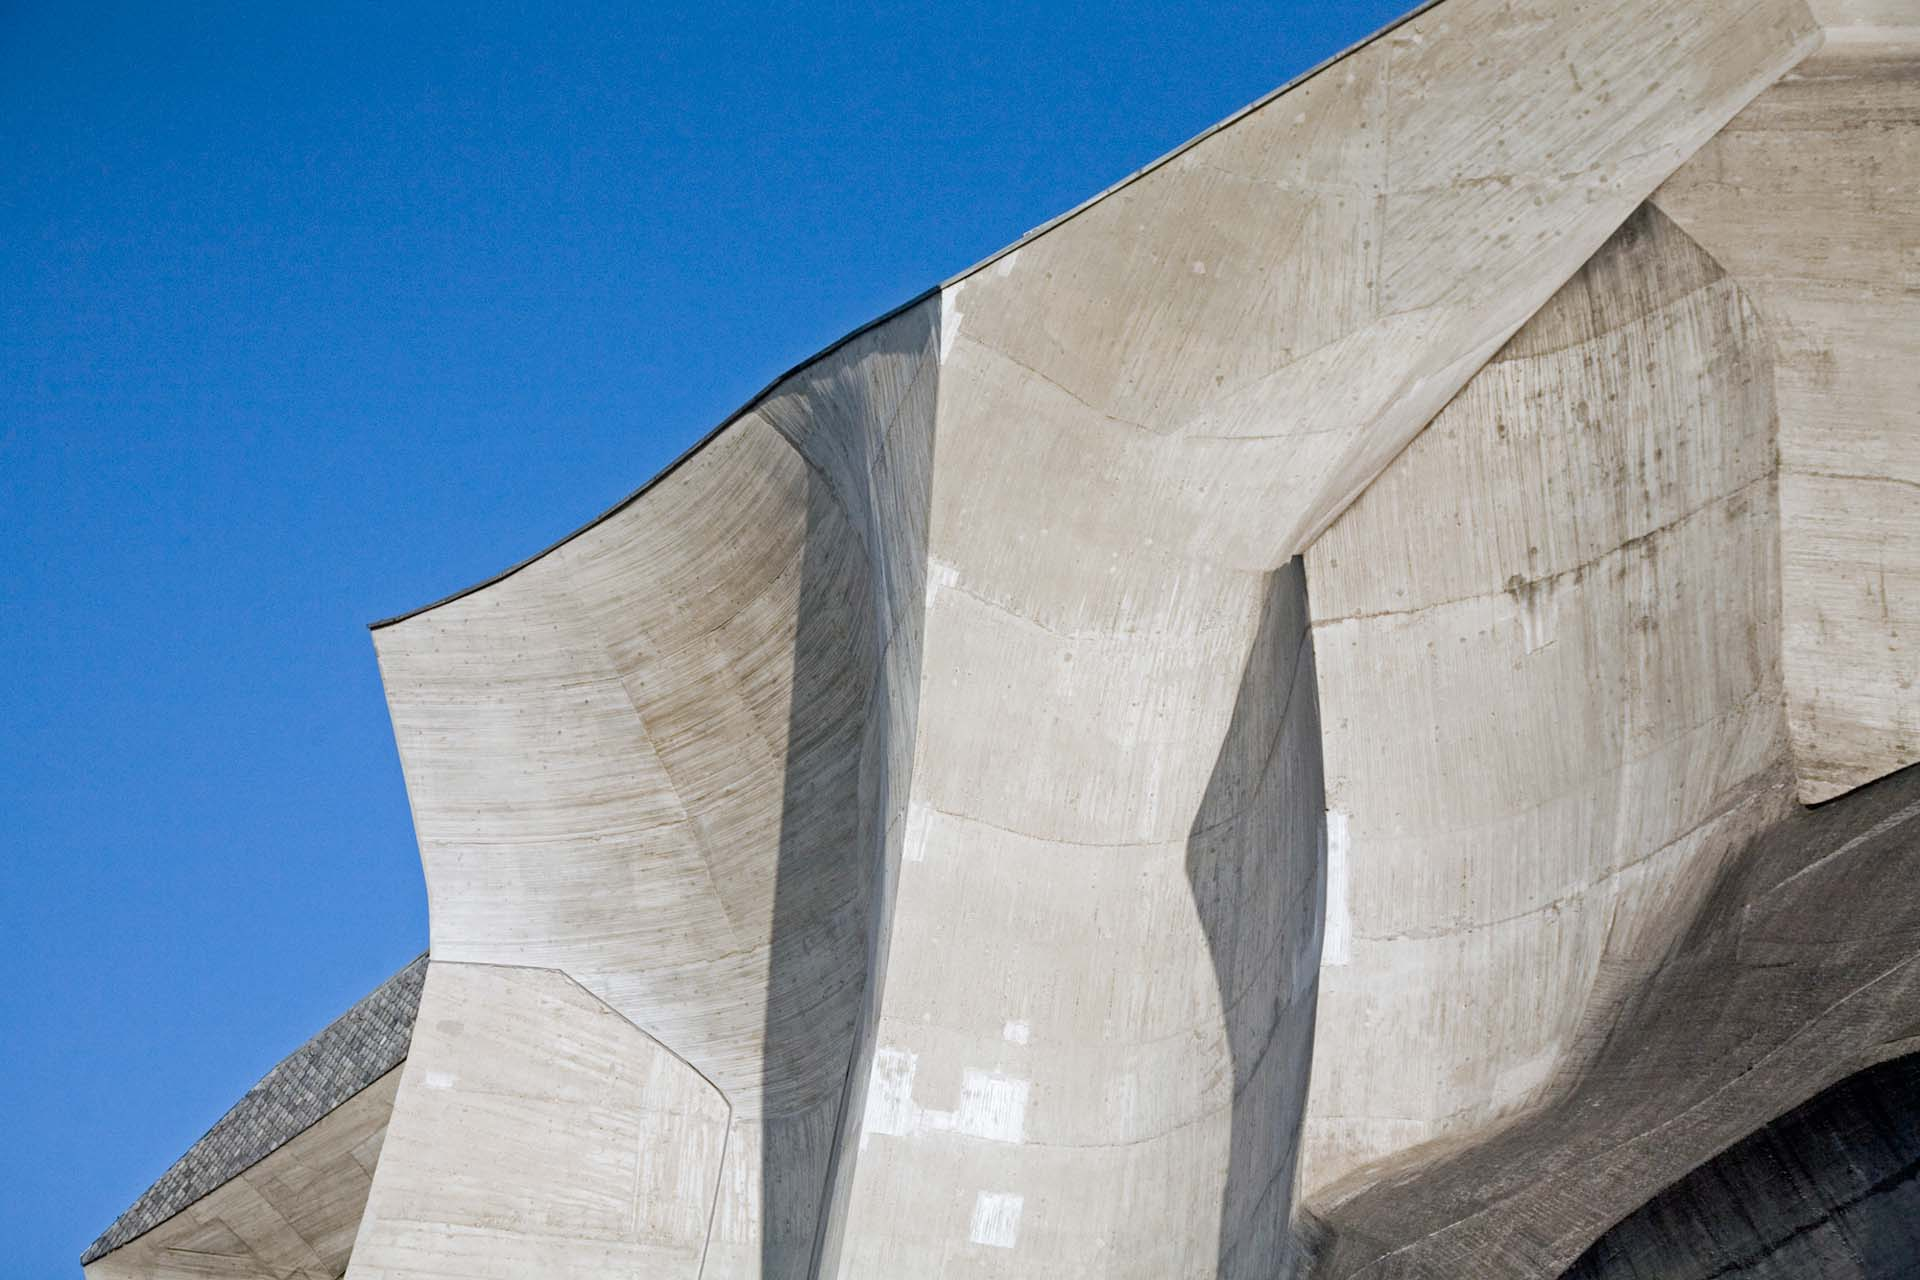 CH, Switzerland, Dornach, 2012-03-22, Goetheanum © Stefan Pangritz